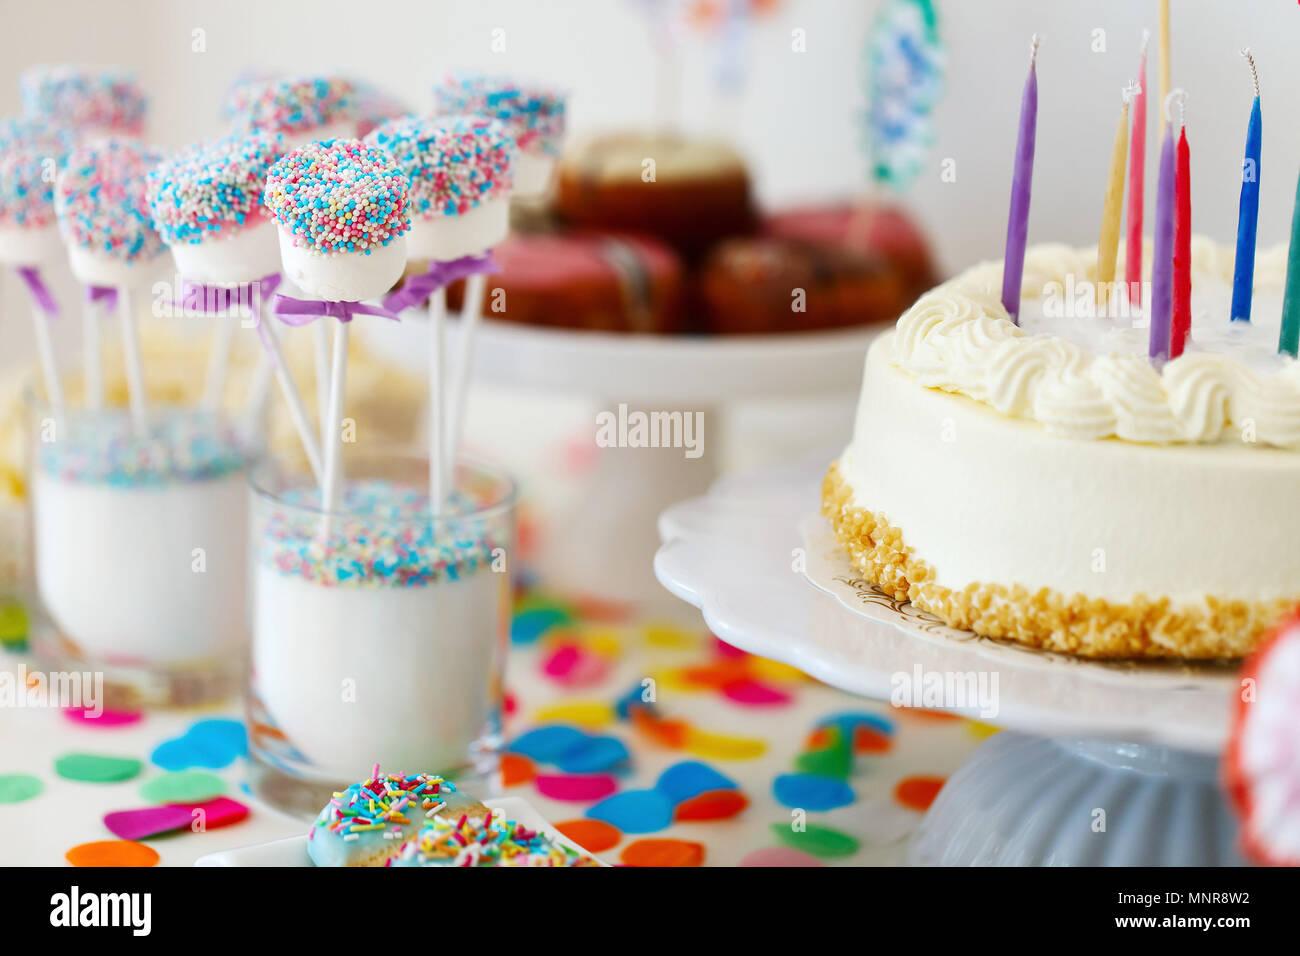 Kuchen, Süßigkeiten, Marshmallows, cakepops, Früchte und andere Süßigkeiten auf Desserttellern tisch Kindergeburtstag Stockbild